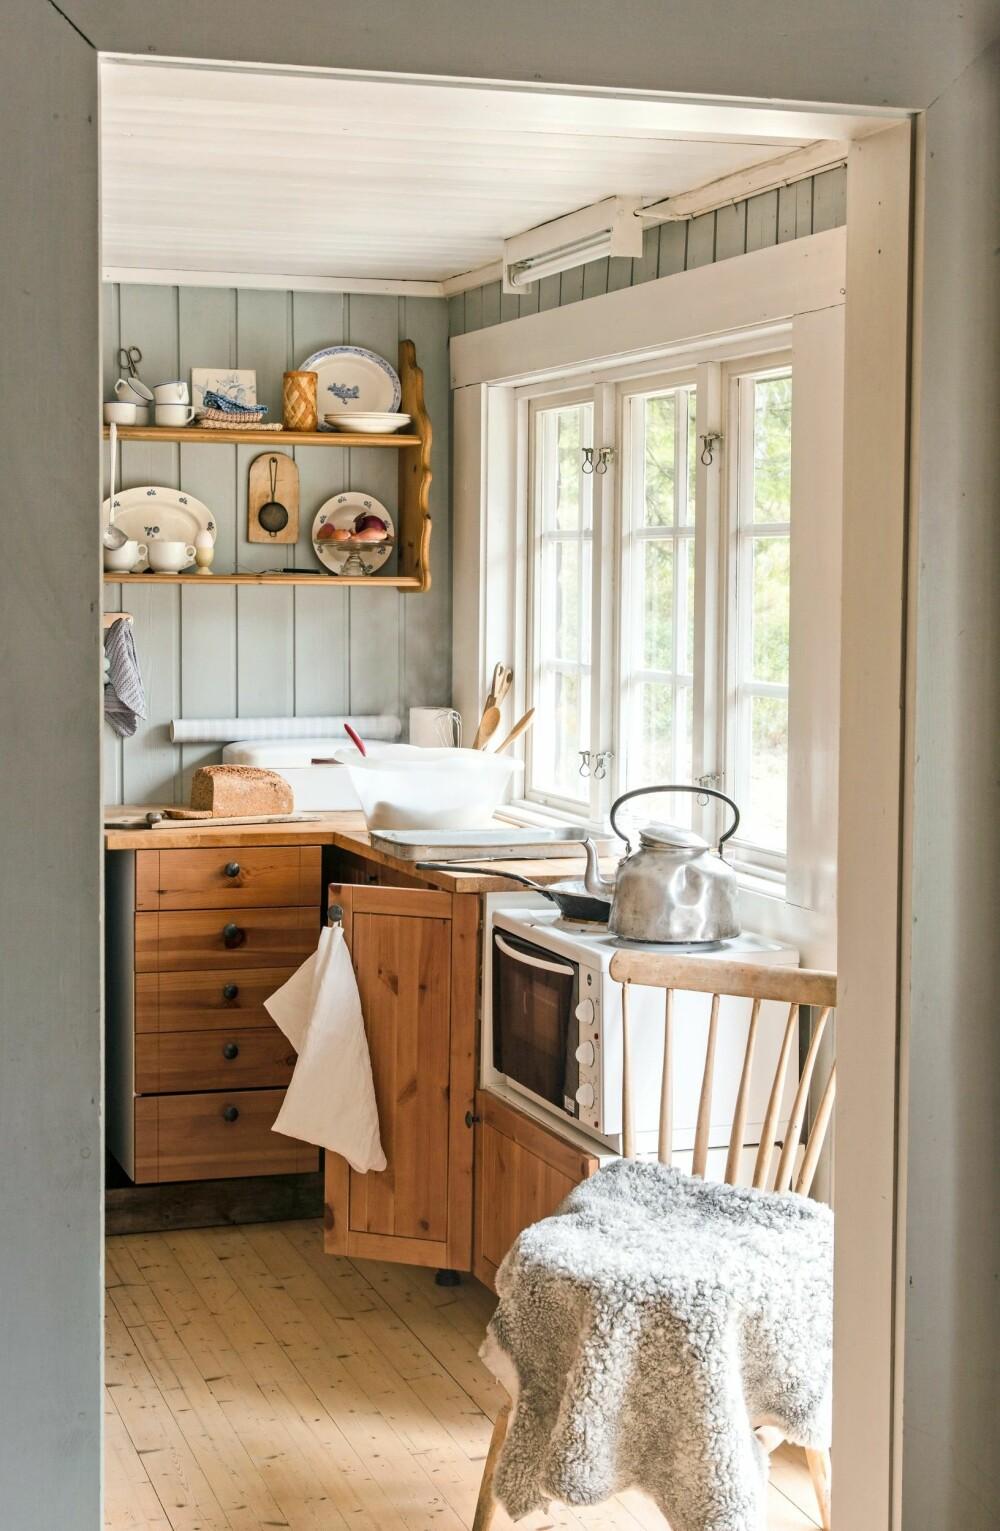 LITE OG KOSELIG: Kjøkkenet i den gamle svalgangen  er ganske smalt, men lyst og fint med store vinduer og hyggelig utsikt ut over tunet. Hytta har strøm,  slik at det er enkelt å sette på en kaffekjele.  Vann må hentes i brønnen på tunet.